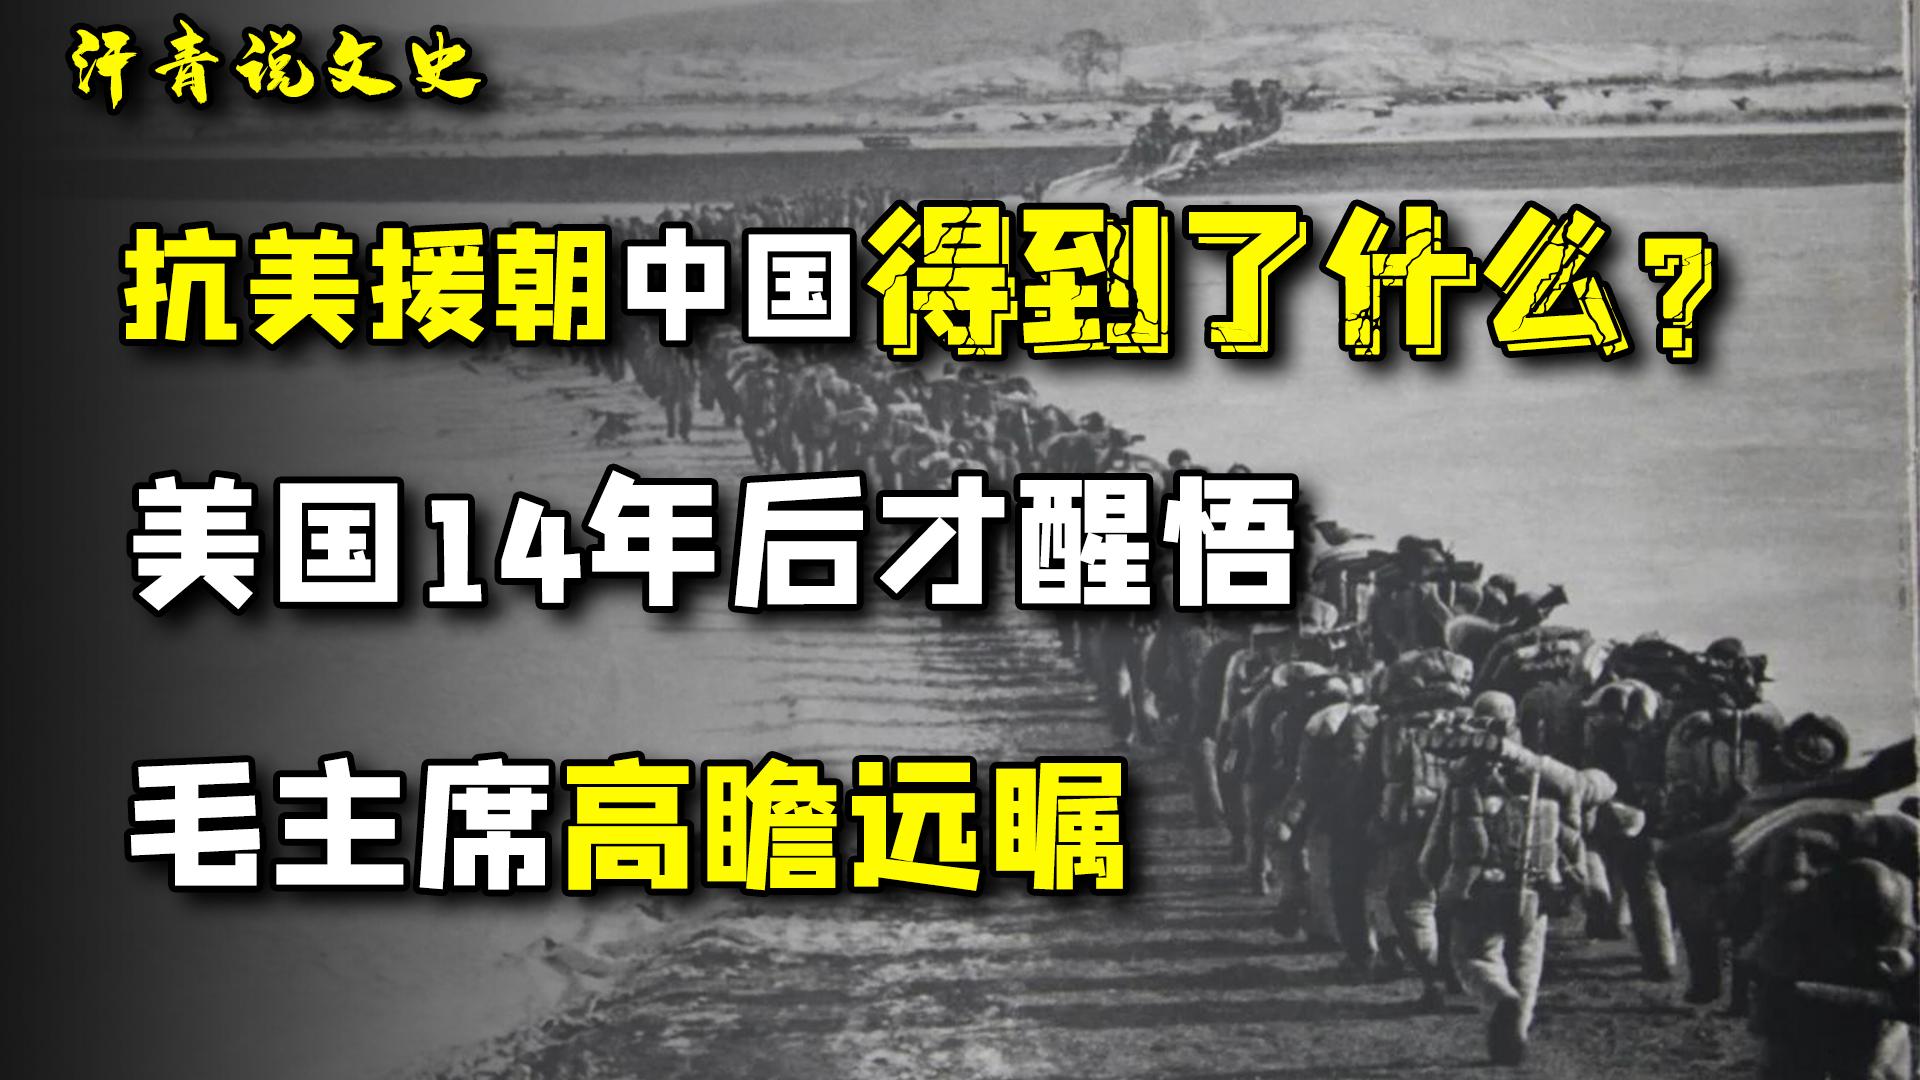 抗美援朝中国得到了什么?美国14年后才醒悟,毛主席高瞻远瞩